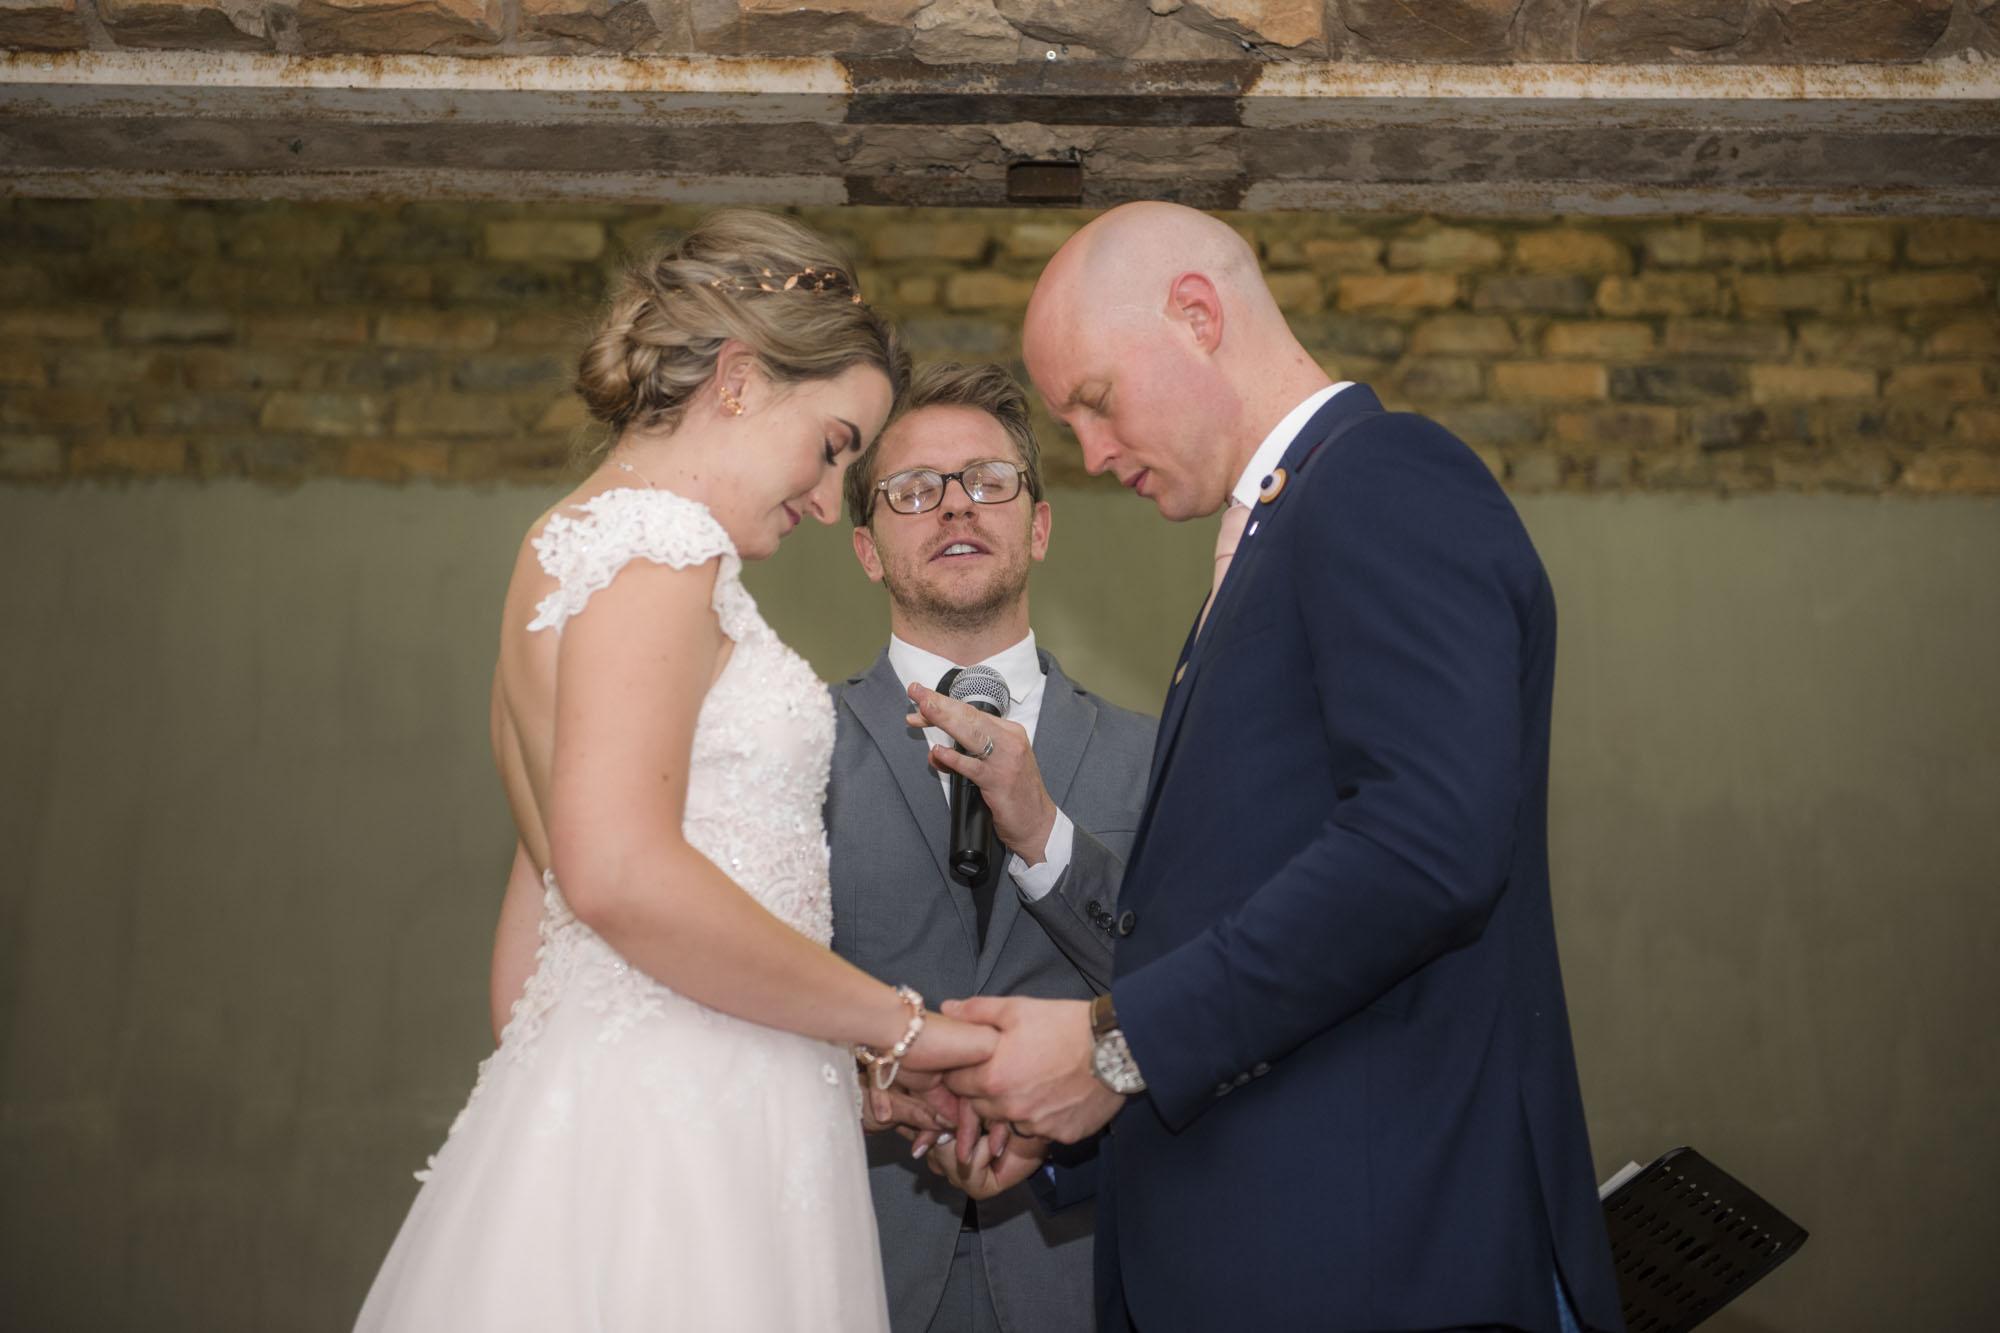 093a-pretoria-wedding-photographers093a-pretoria-wedding-photographers_a.jpg